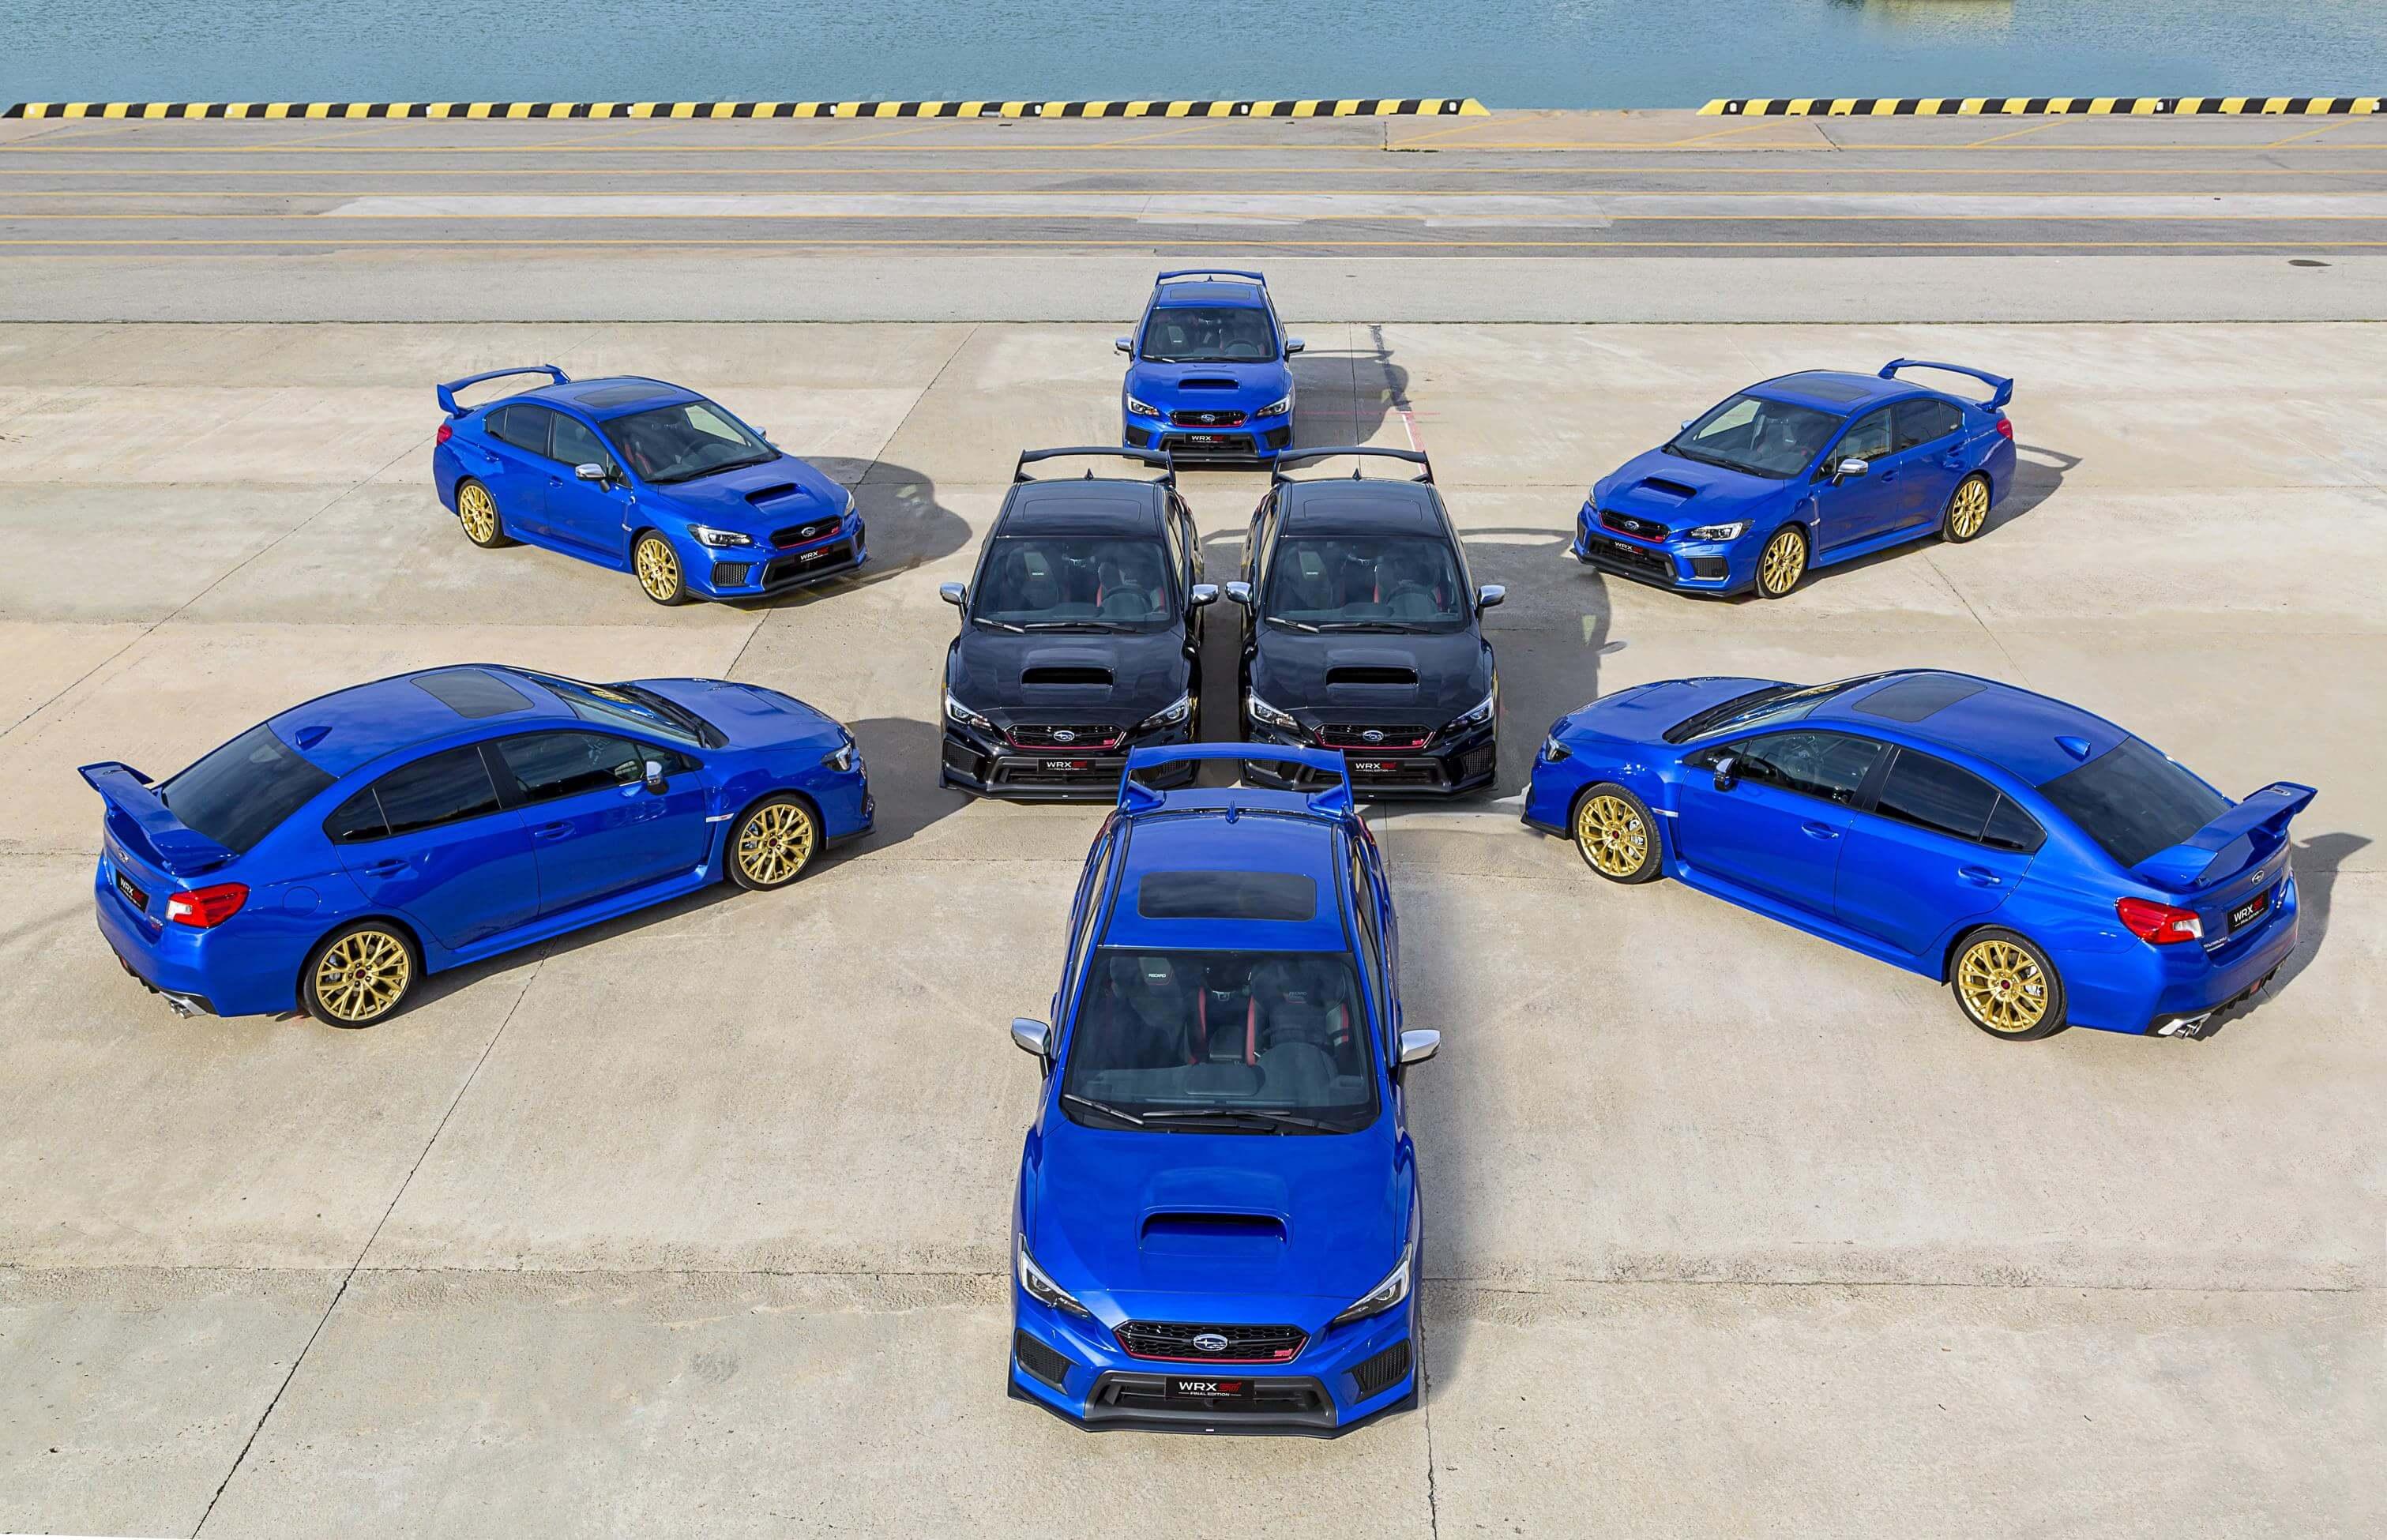 Subaru WRX STI Final Edition: 8 unidades despiden a un mito de los rallys